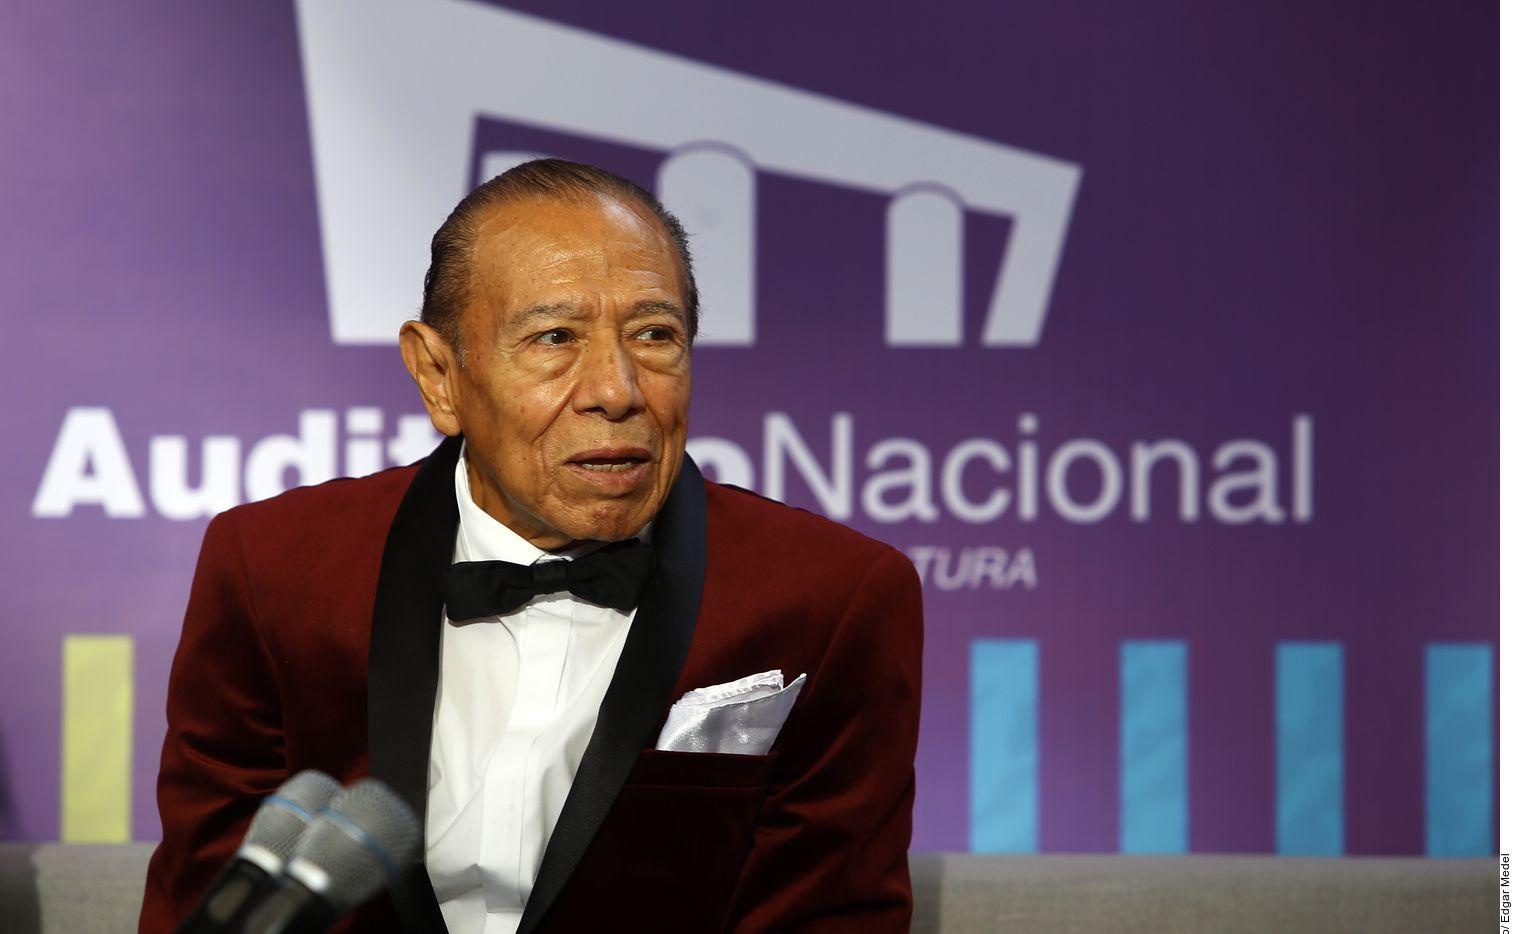 Andrés Terrones, el único miembro fundador de La Sonora Santanera que sobrevivía, murió ayer a los 87 años por complicaciones de diabetes, y no de Covid-19, explicó el mánager del grupo, Gilberto Navarrete.